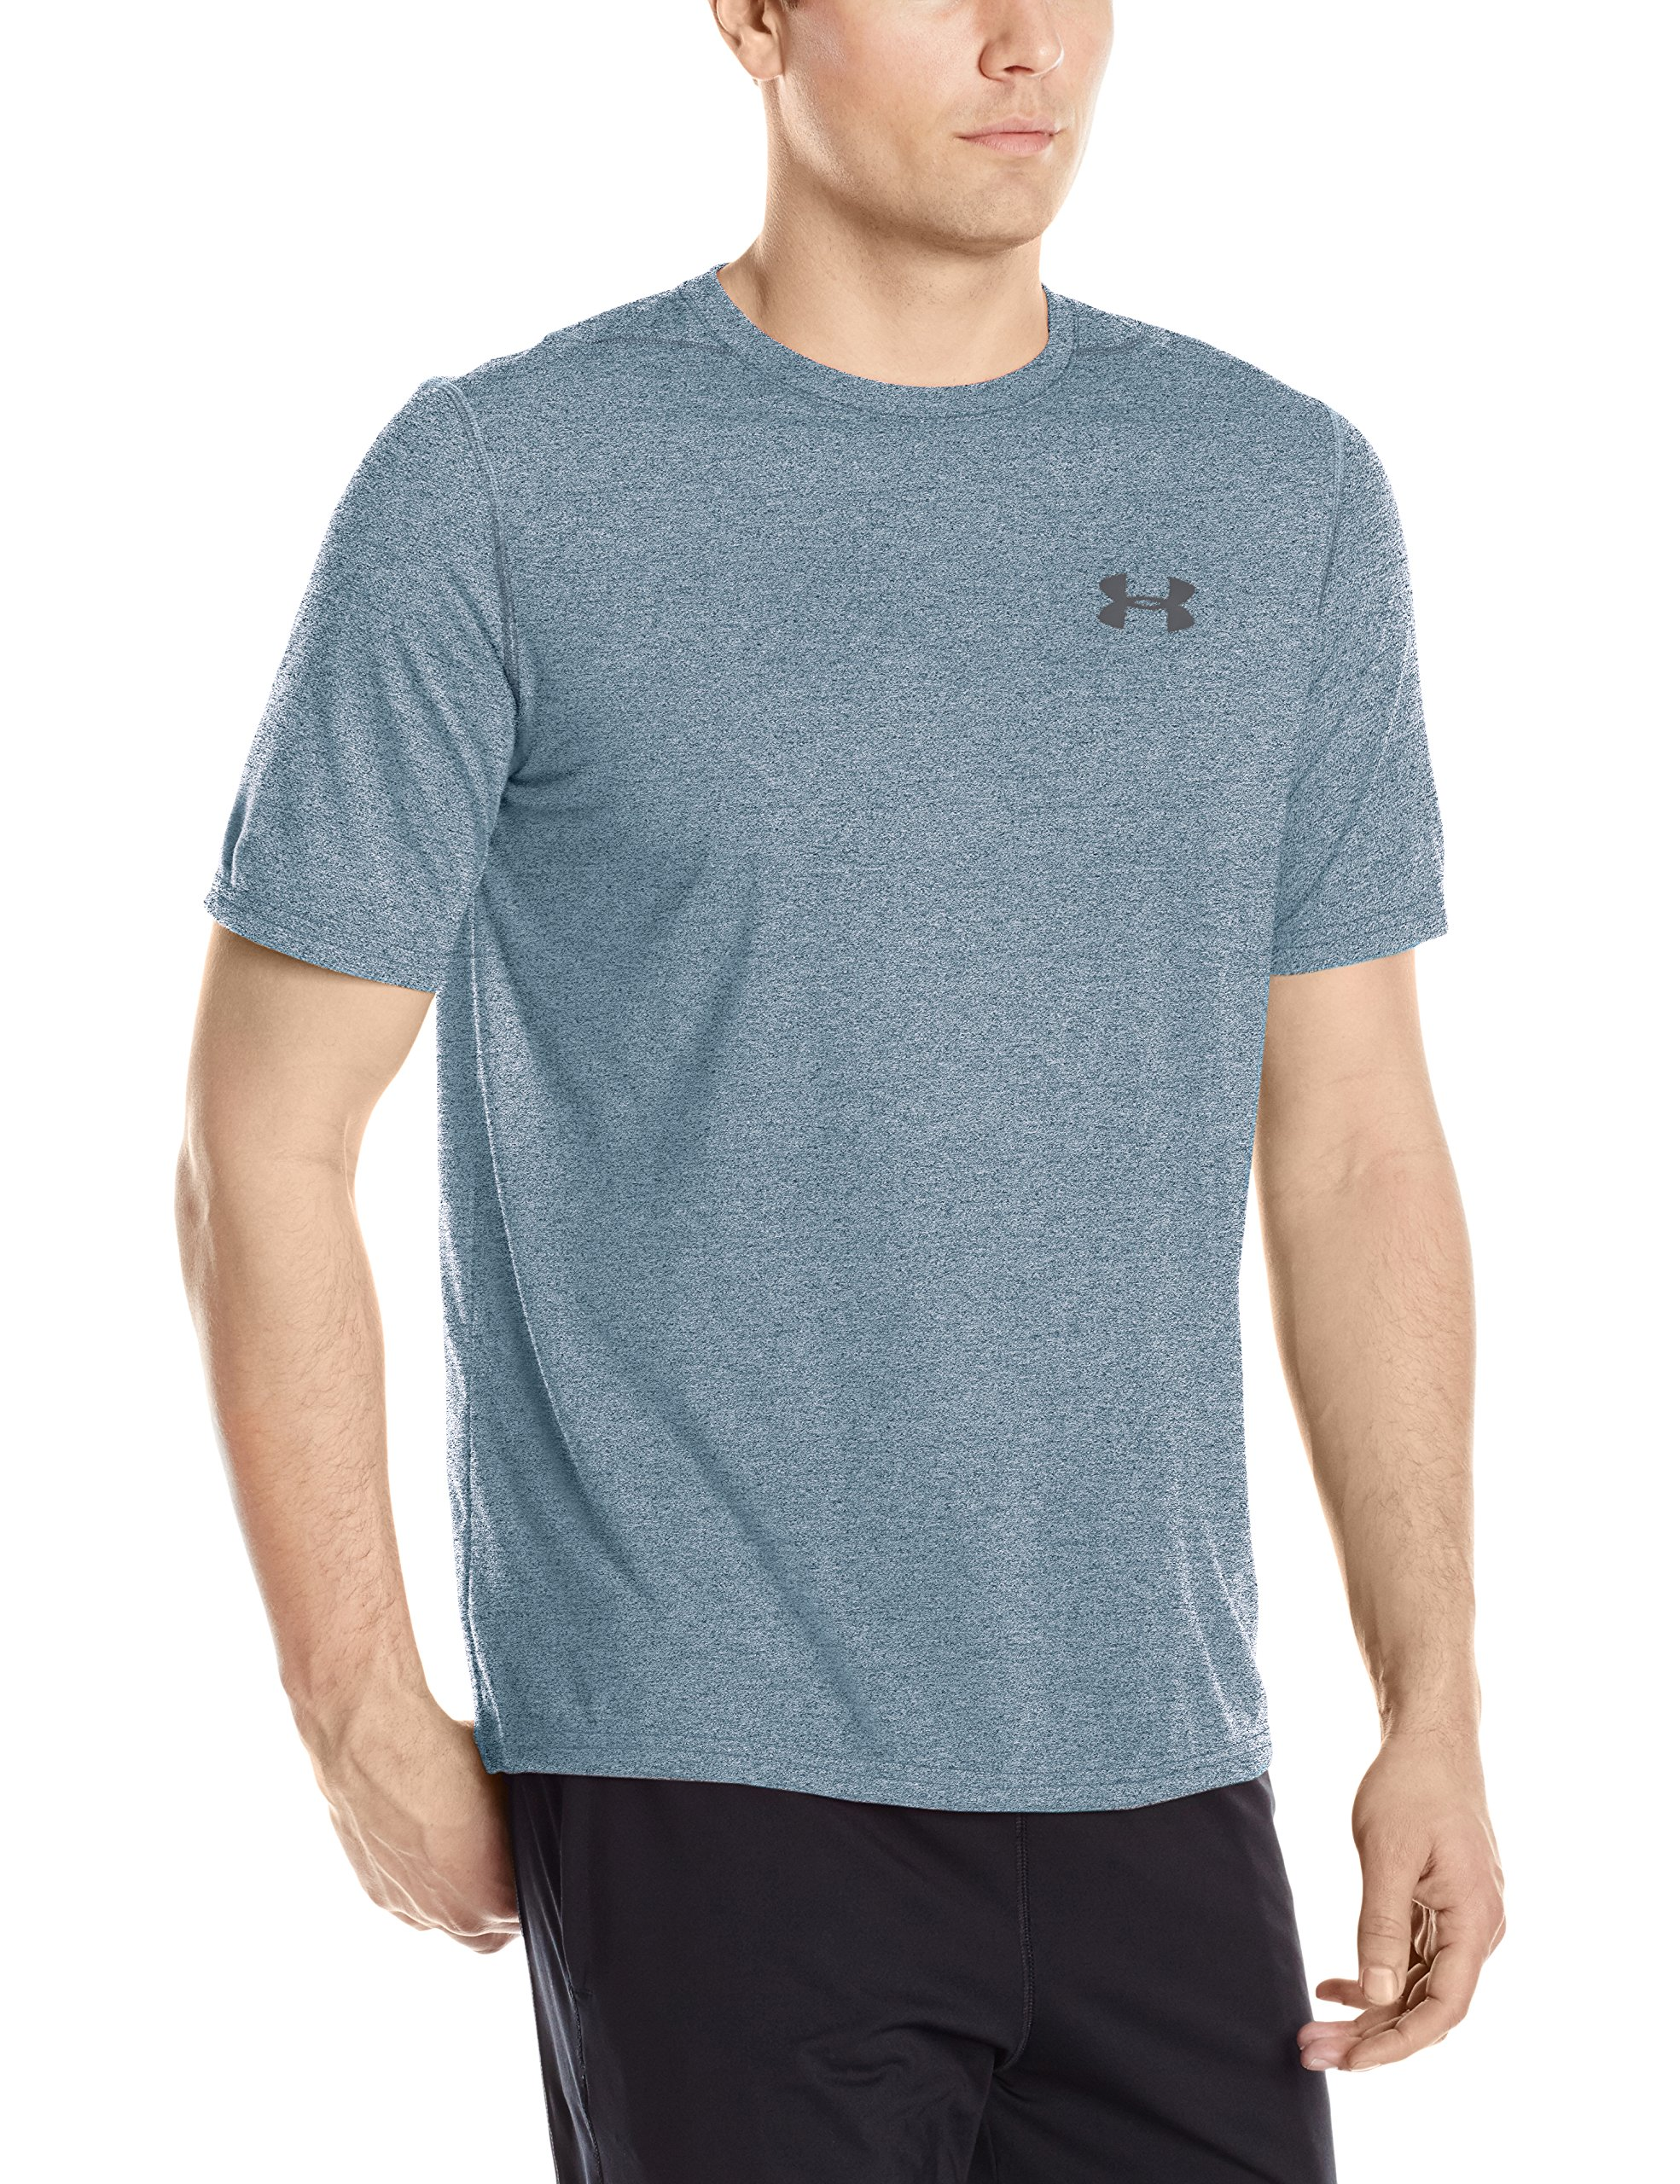 Under Armour Threadborne t-shirt, Uomo, True Ink/Anthracite, XXL